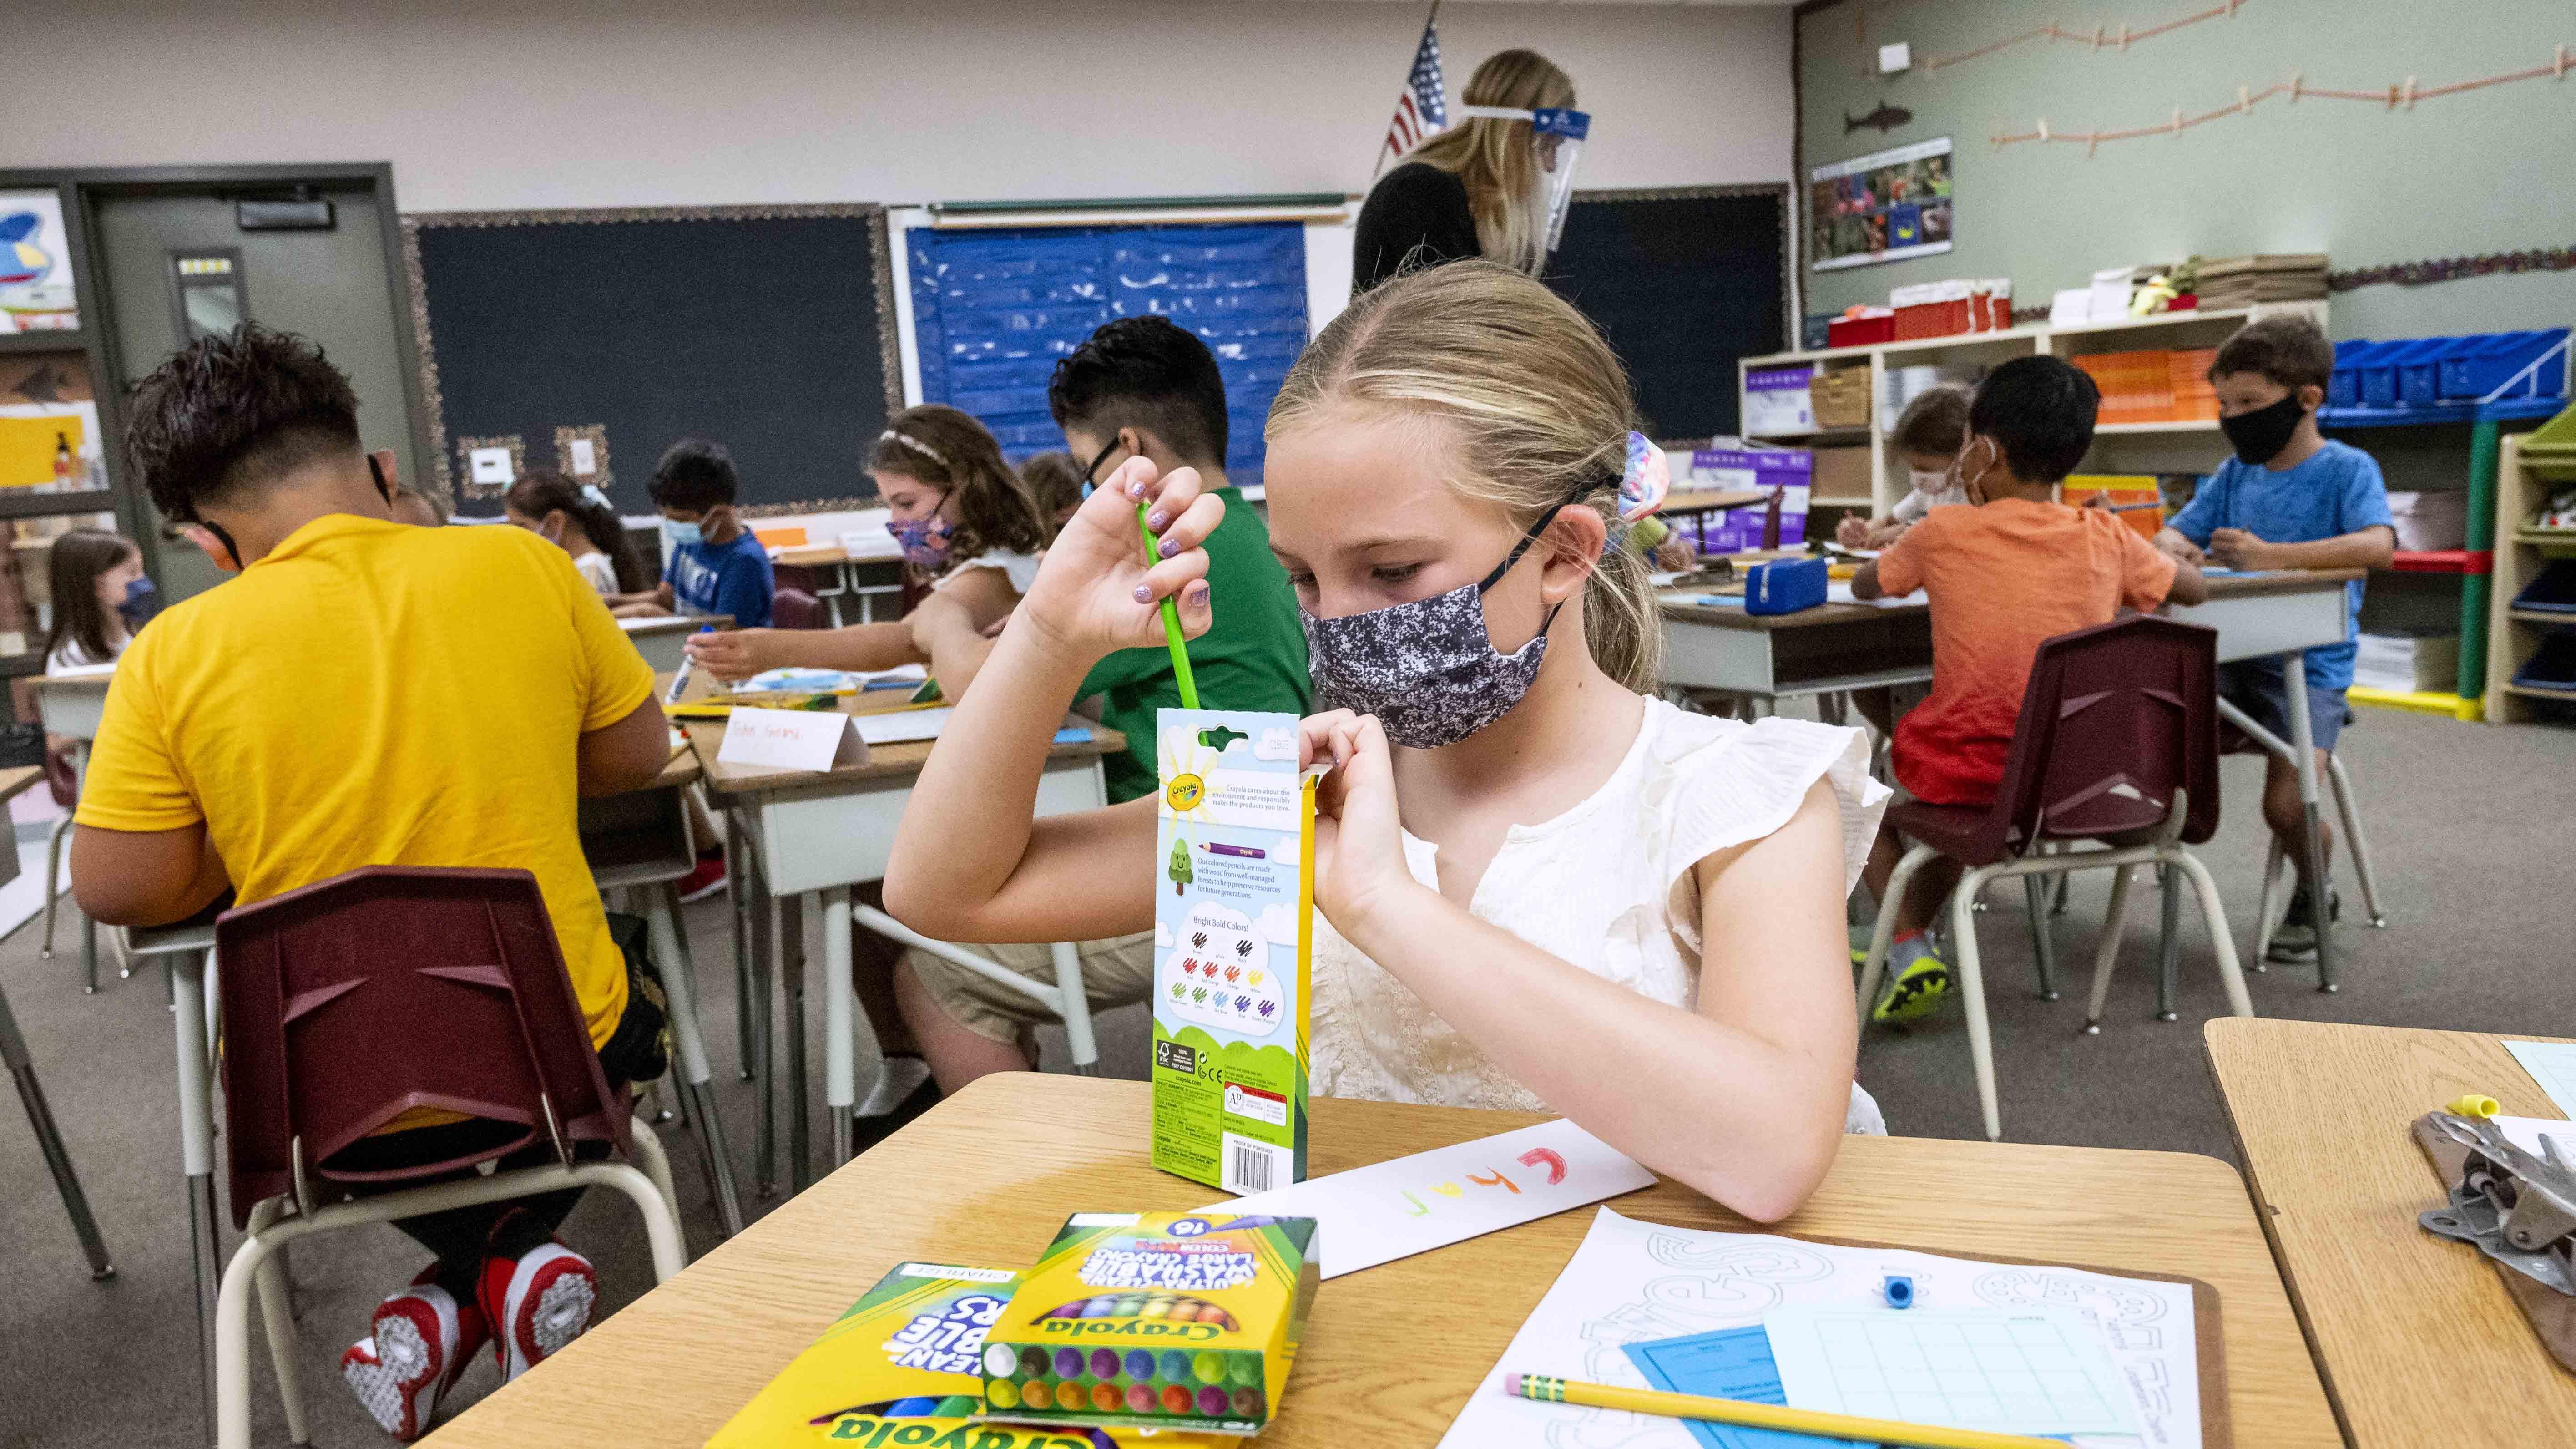 Nuevo reporte revela las mejores escuelas primarias y secundarias de Massachusetts